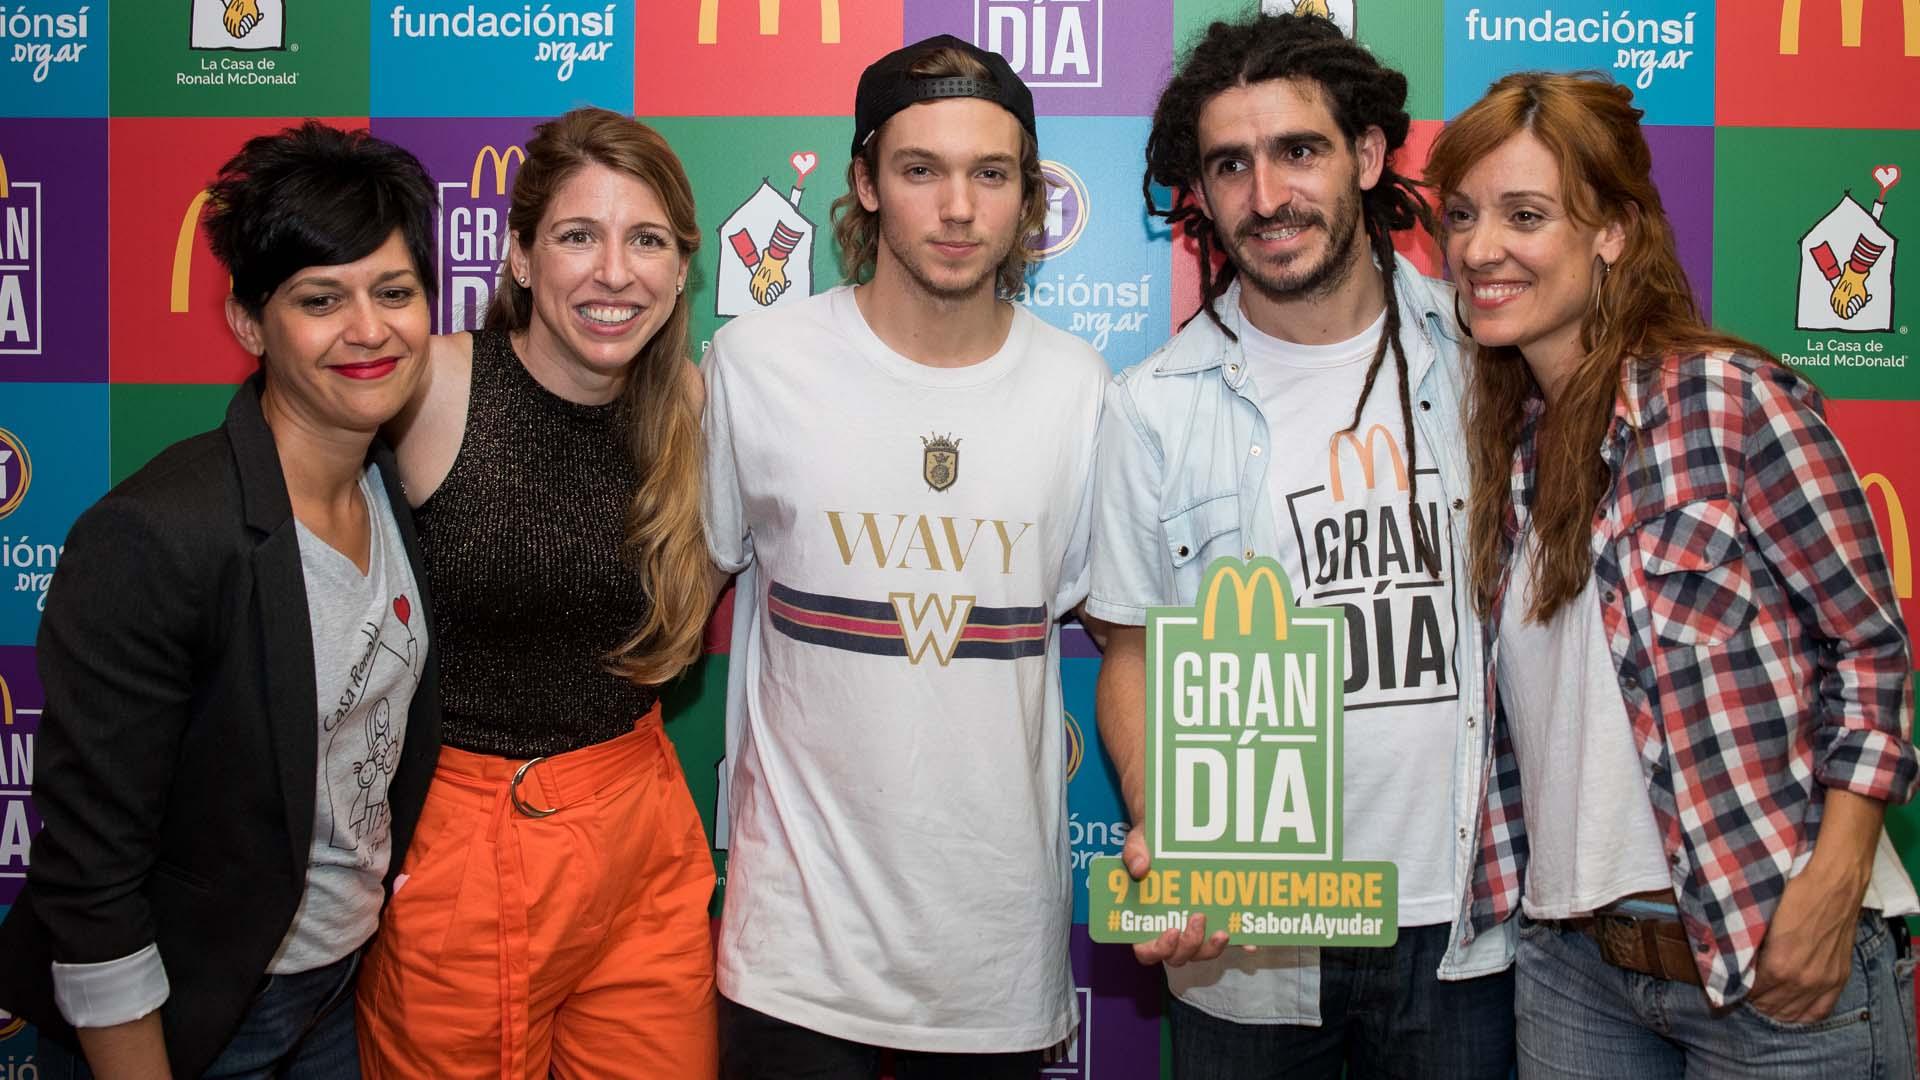 Franco Masini, en el centro, junto a Florencia Bertotti y Manuel Lozano de la Fundación Sí